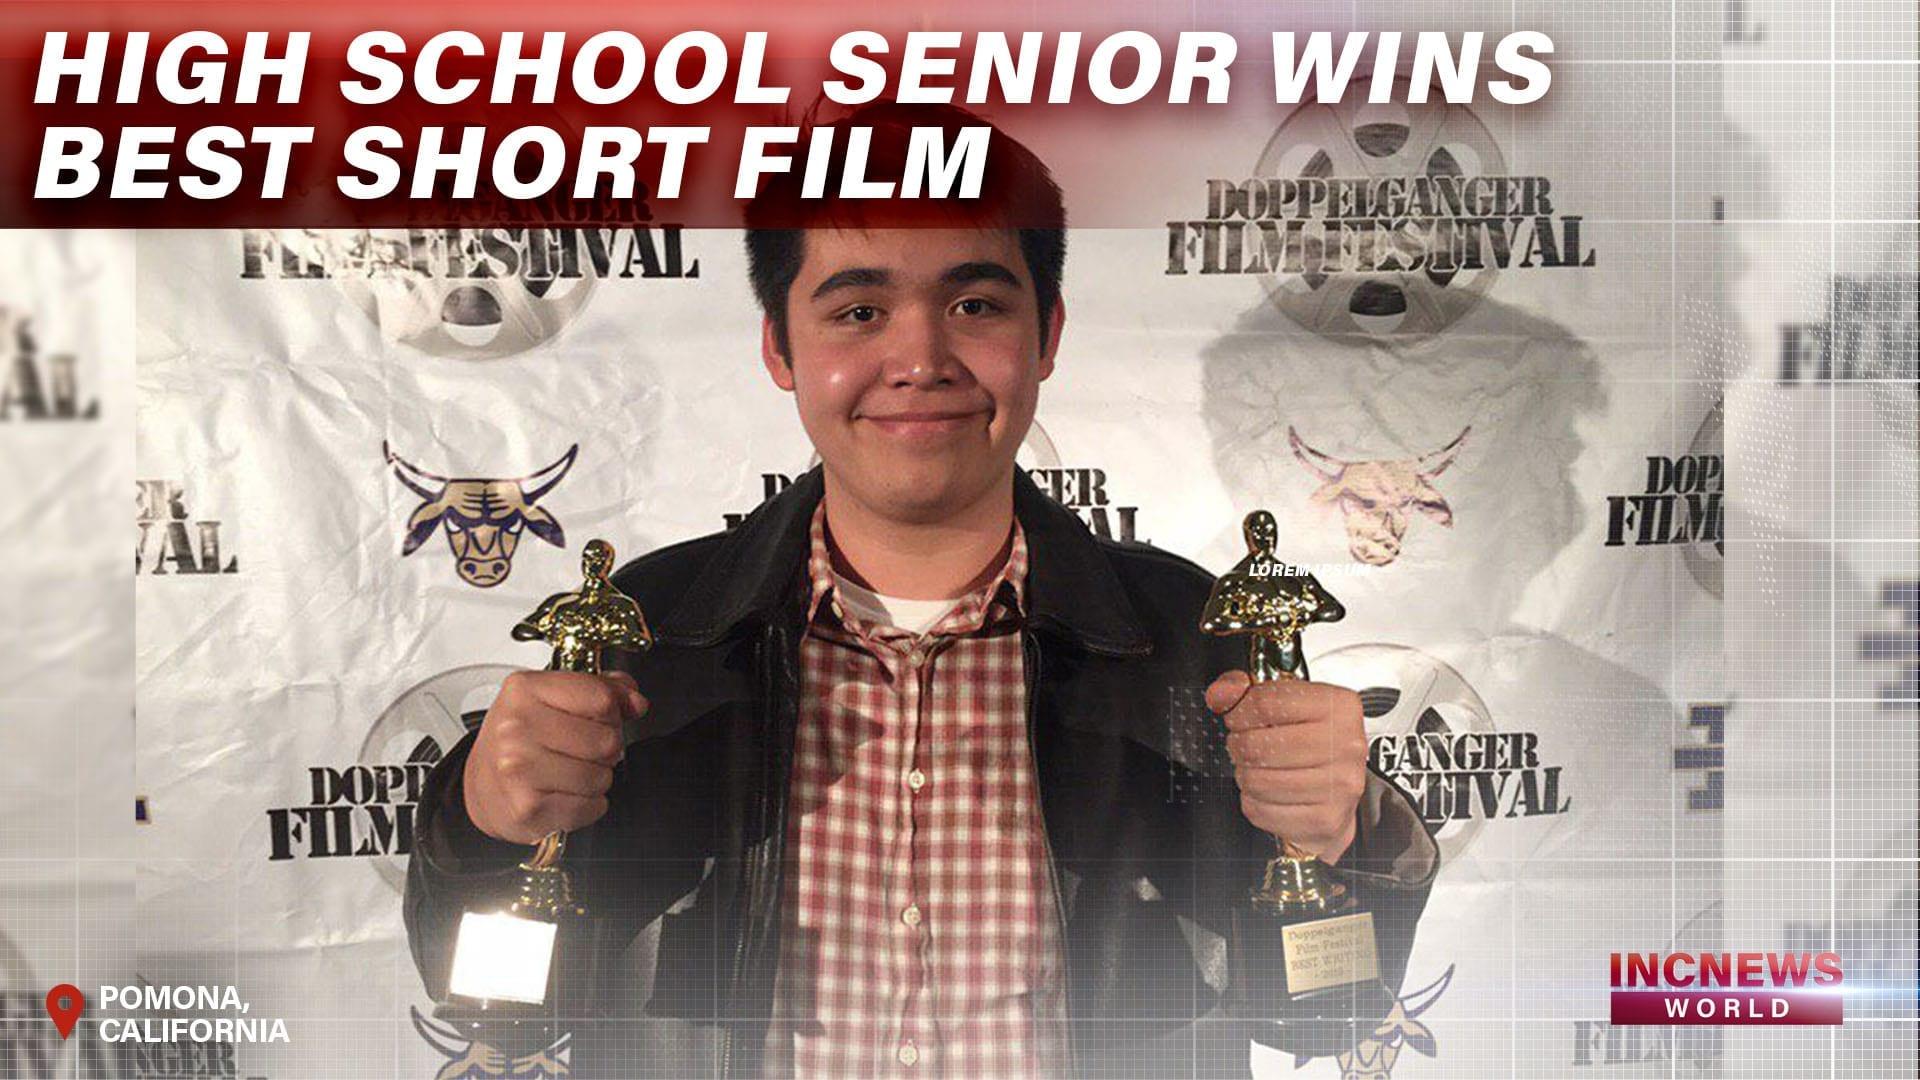 High School Senior Wins for Best Short Film